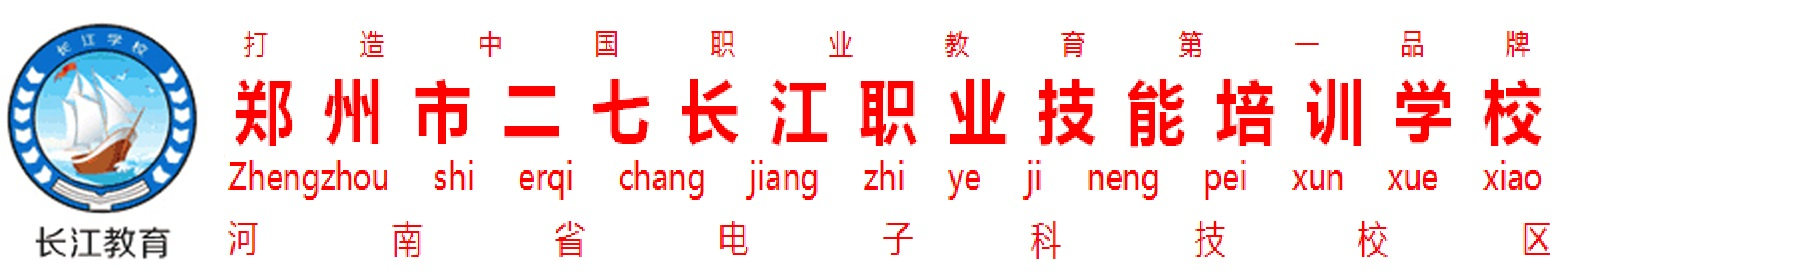 郑州厨师培训机构,郑州市二七长江职业技能培训学校